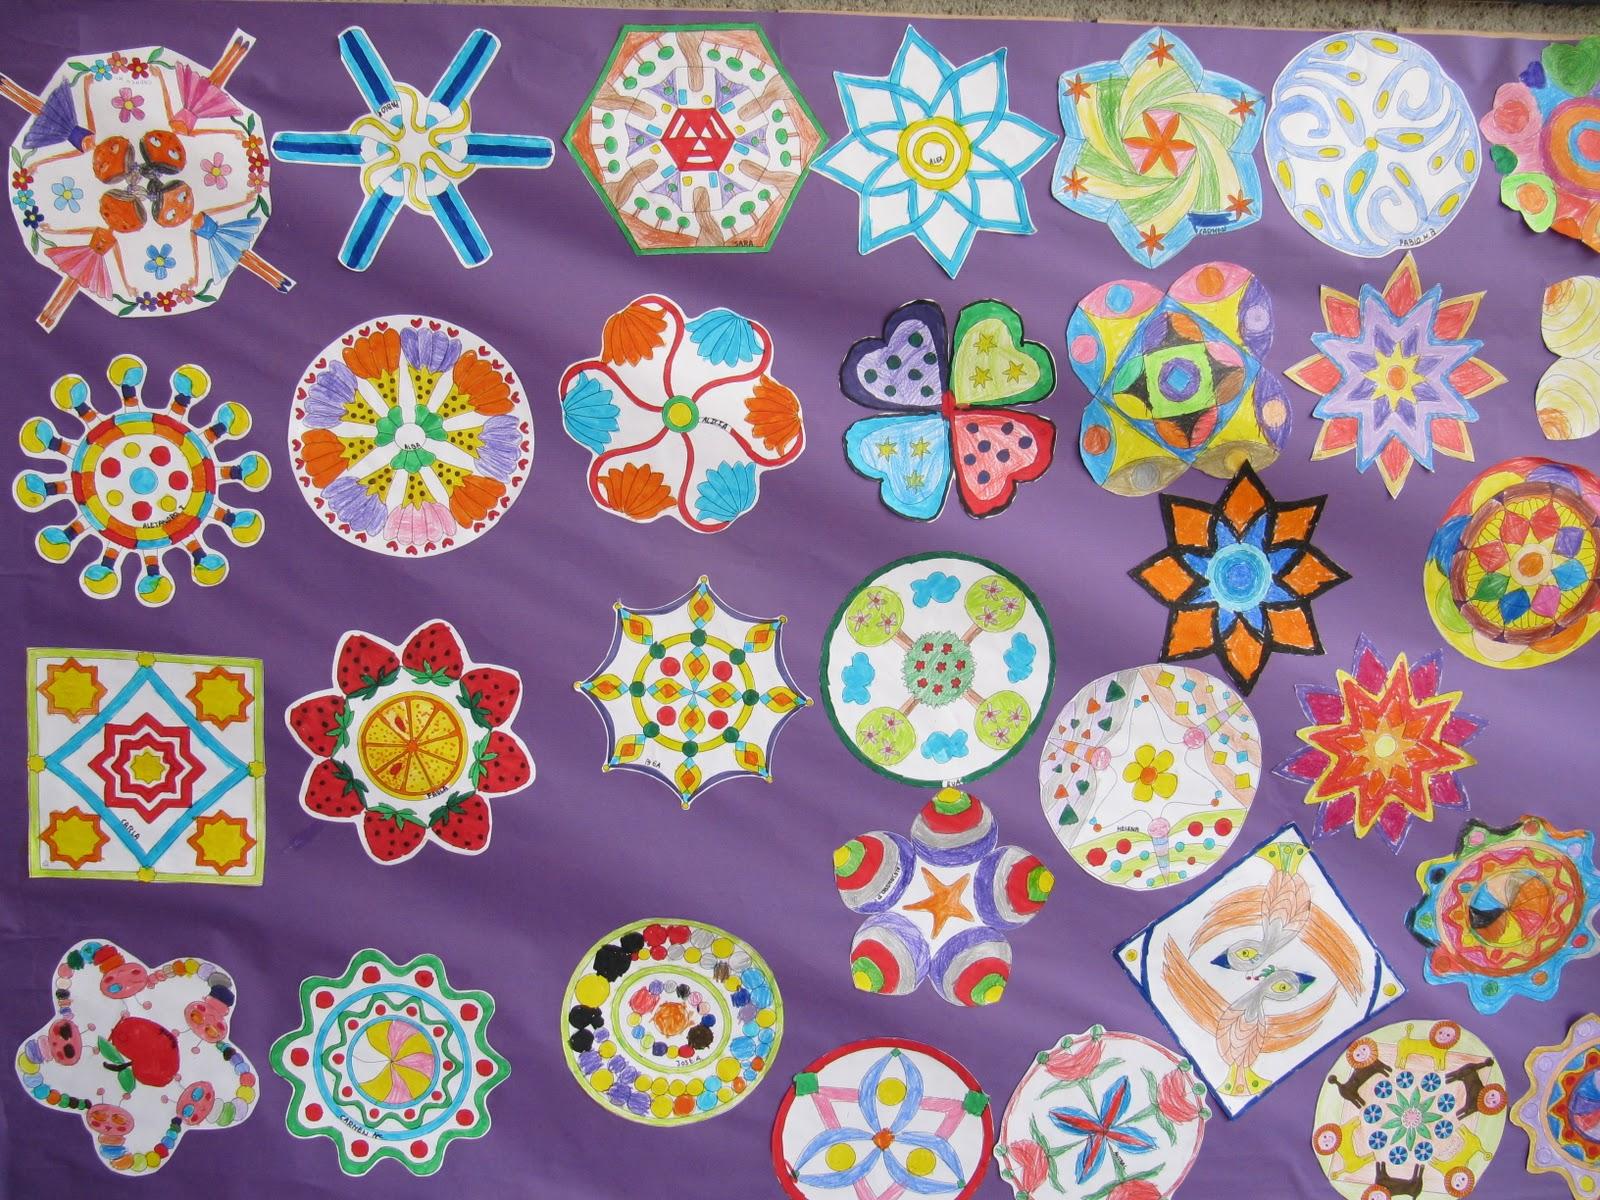 R o experiencias mural mandalas 8 de marzo for Mural mandala